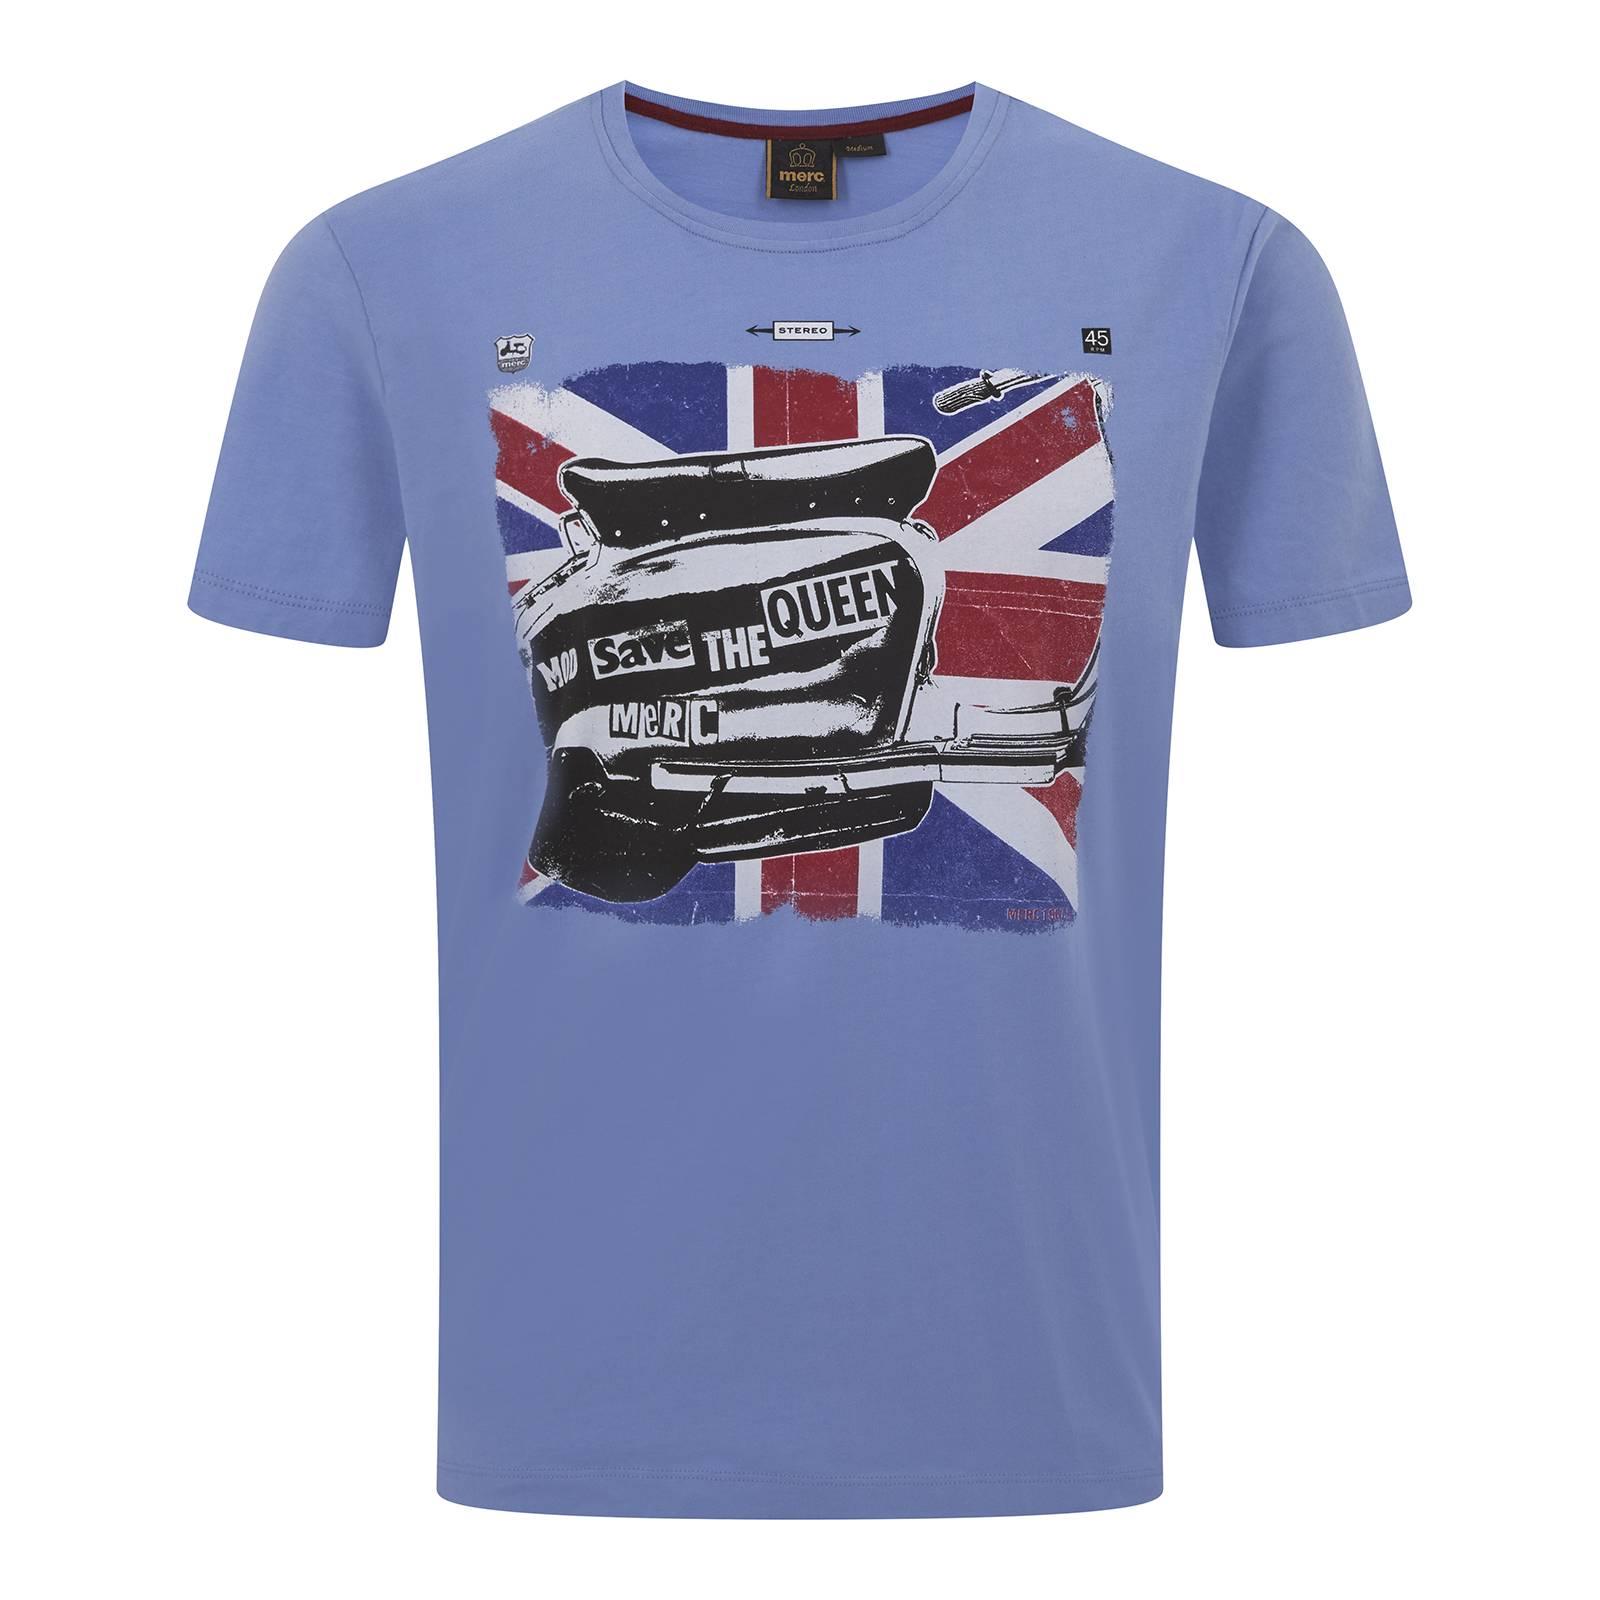 Футболка WennerФутболки<br>Классического покроя (Regular Fit) мужская футболка с коротким рукавом и круглым воротом, пошитая из высококачественной, легкой и мягкой хлопковой ткани Джерси. Украшена эффектным клипарт рисунком скутера на фоне Юнион Джека, выполненным по мотивам сингла легендарной английской панк-рок группы Sex Pistols «God Save the Queen». Дополнительный декоративный элемент – контрастная однополосная прострочка боковых швов от подмышек, красиво гармонирующая с красным цветом британского флага.<br><br>Артикул: 1716102<br>Материал: 100% хлопок<br>Цвет: голубой<br>Пол: Мужской